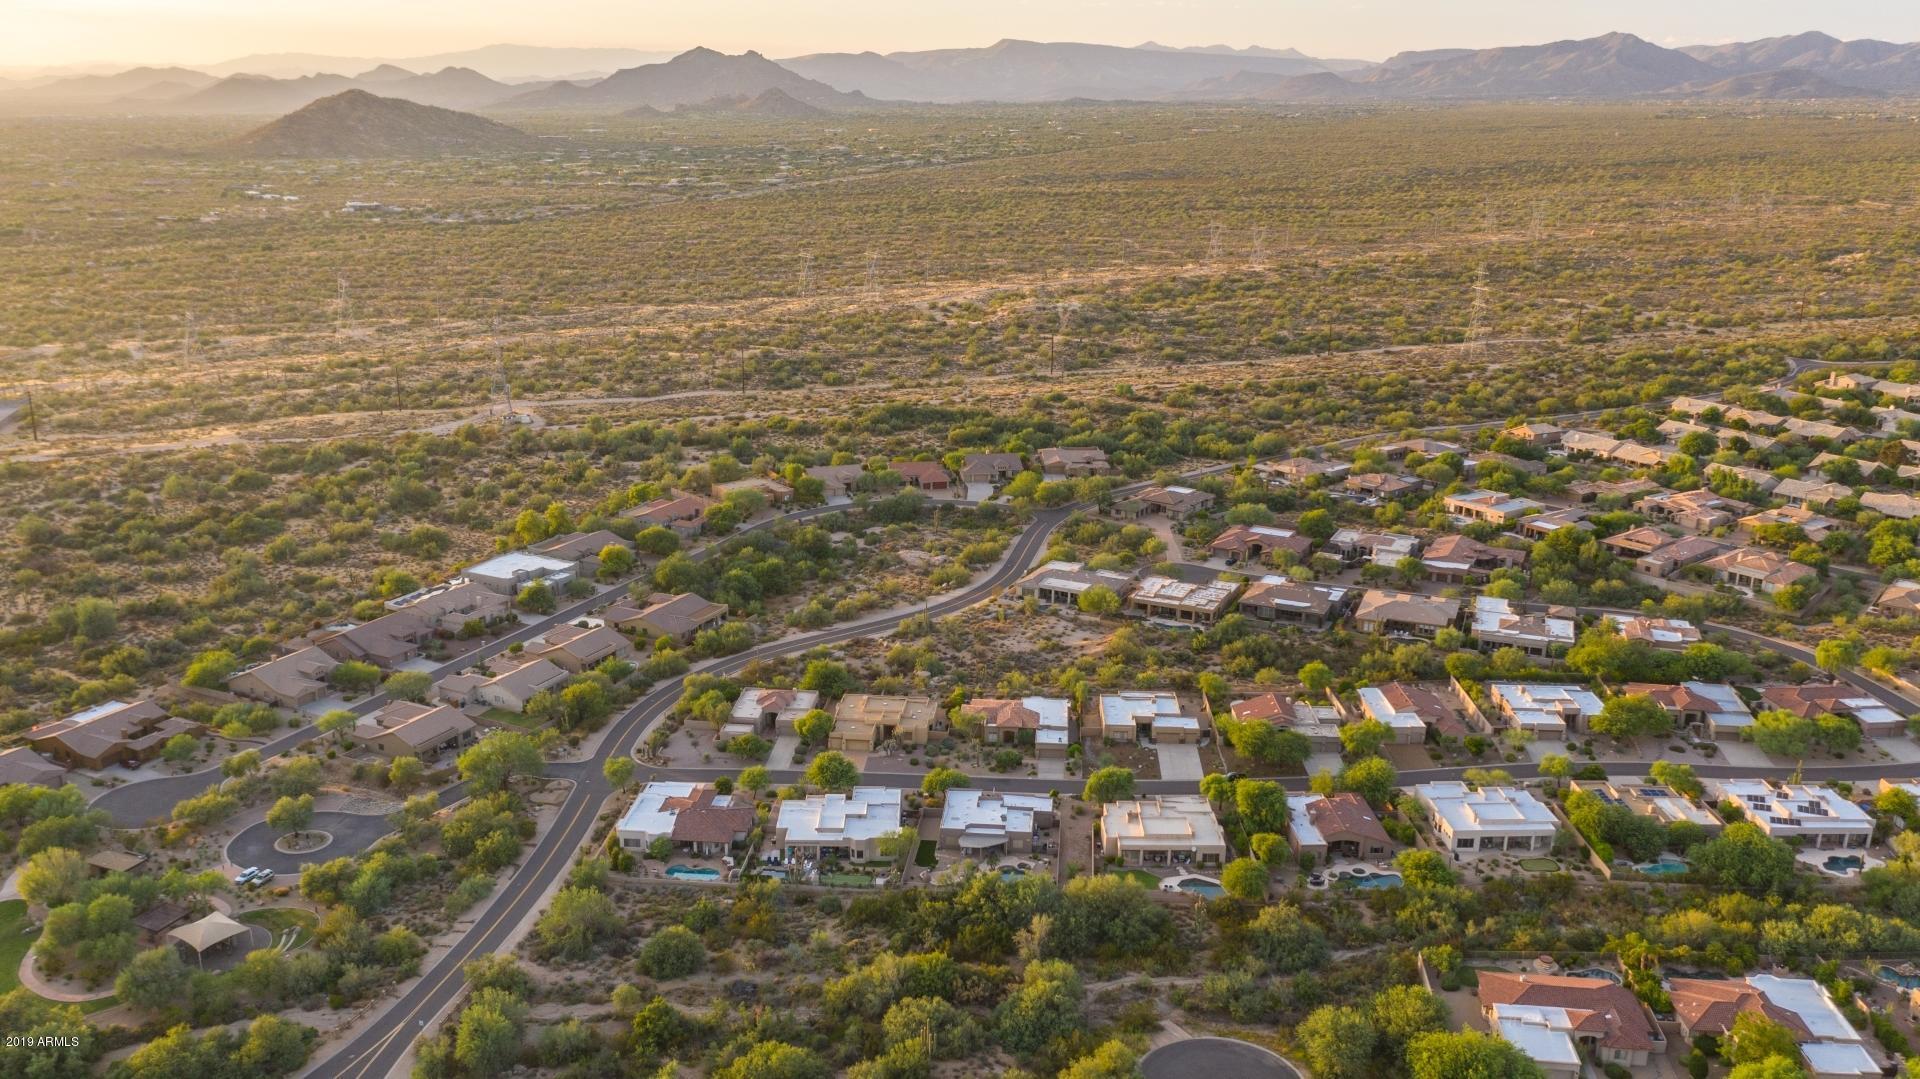 MLS 5972639 9331 E HIDDEN GREEN Drive, Scottsdale, AZ 85262 Scottsdale AZ Private Pool